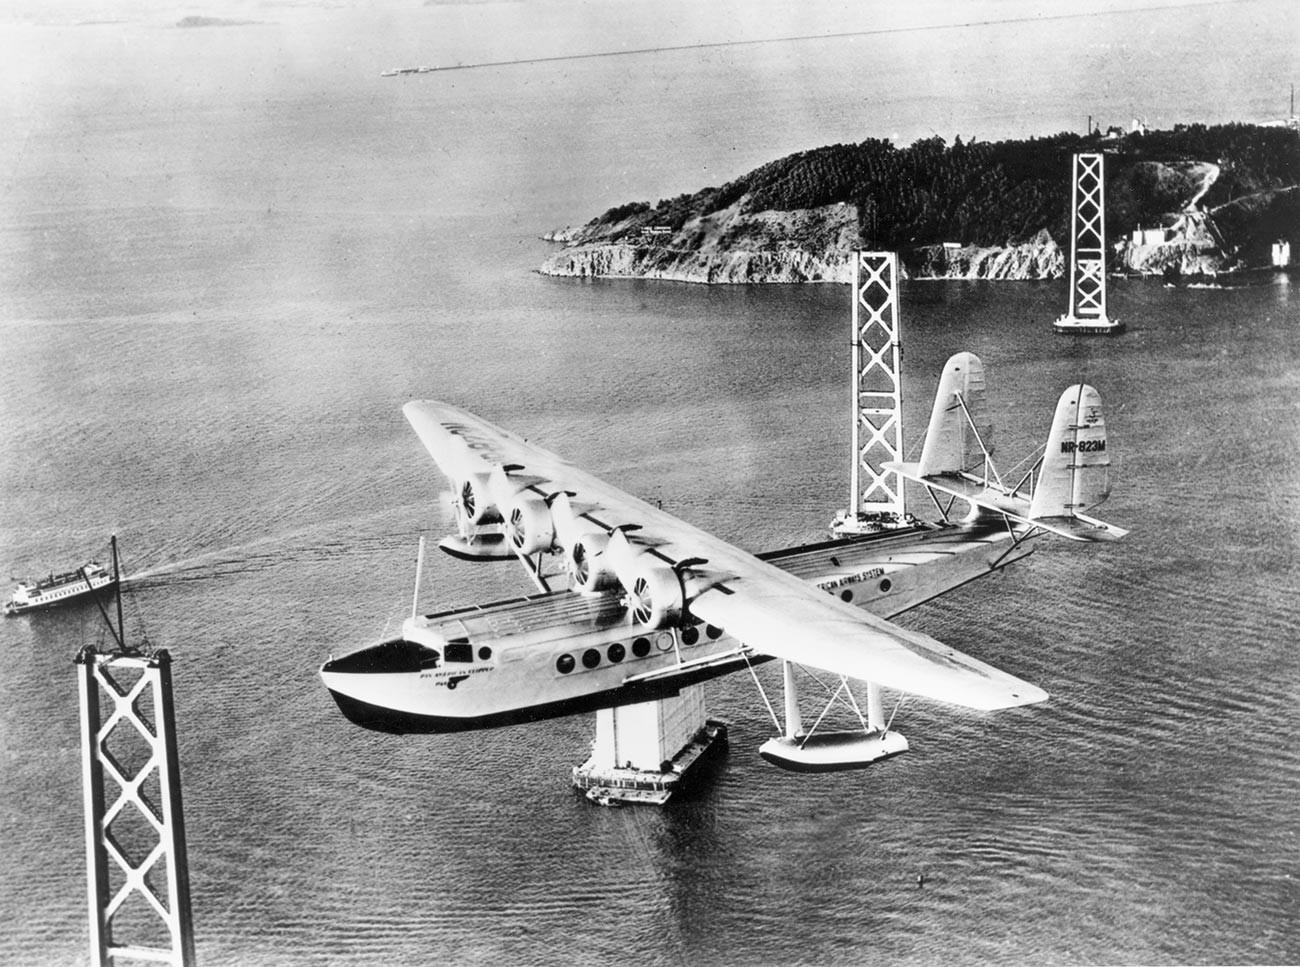 """Sikorsky S-42 """"Pan American Clipper"""" прелеће залив Сан Франциска на путу за Хаваје. Види се конструкција моста Сан Франциско – Окланд у изградњи. Око 1934."""